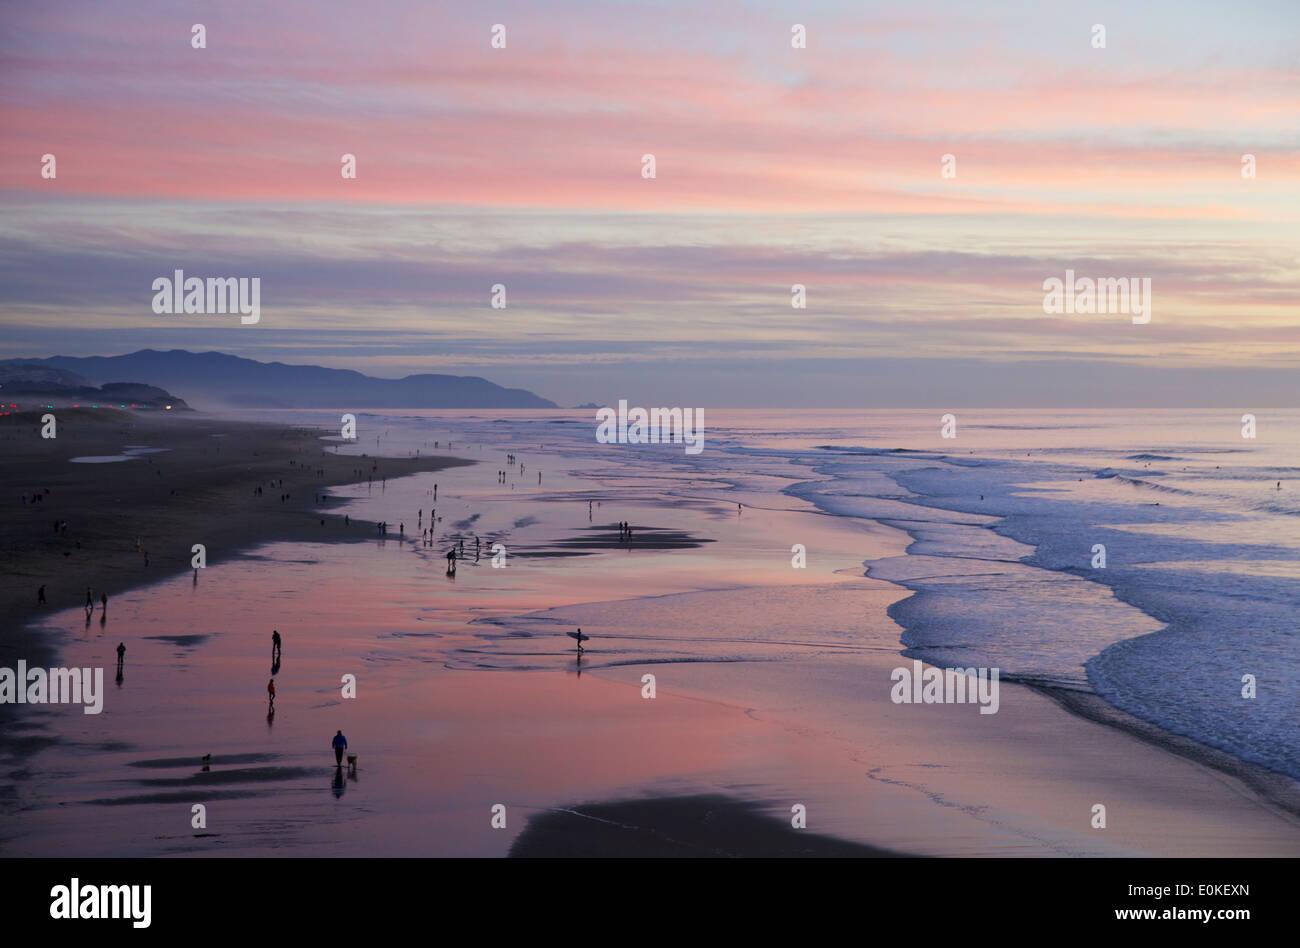 La gente camminare lungo la riva si stagliano contro un brillante tramonto con colori di blu, rosa e viola. Immagini Stock